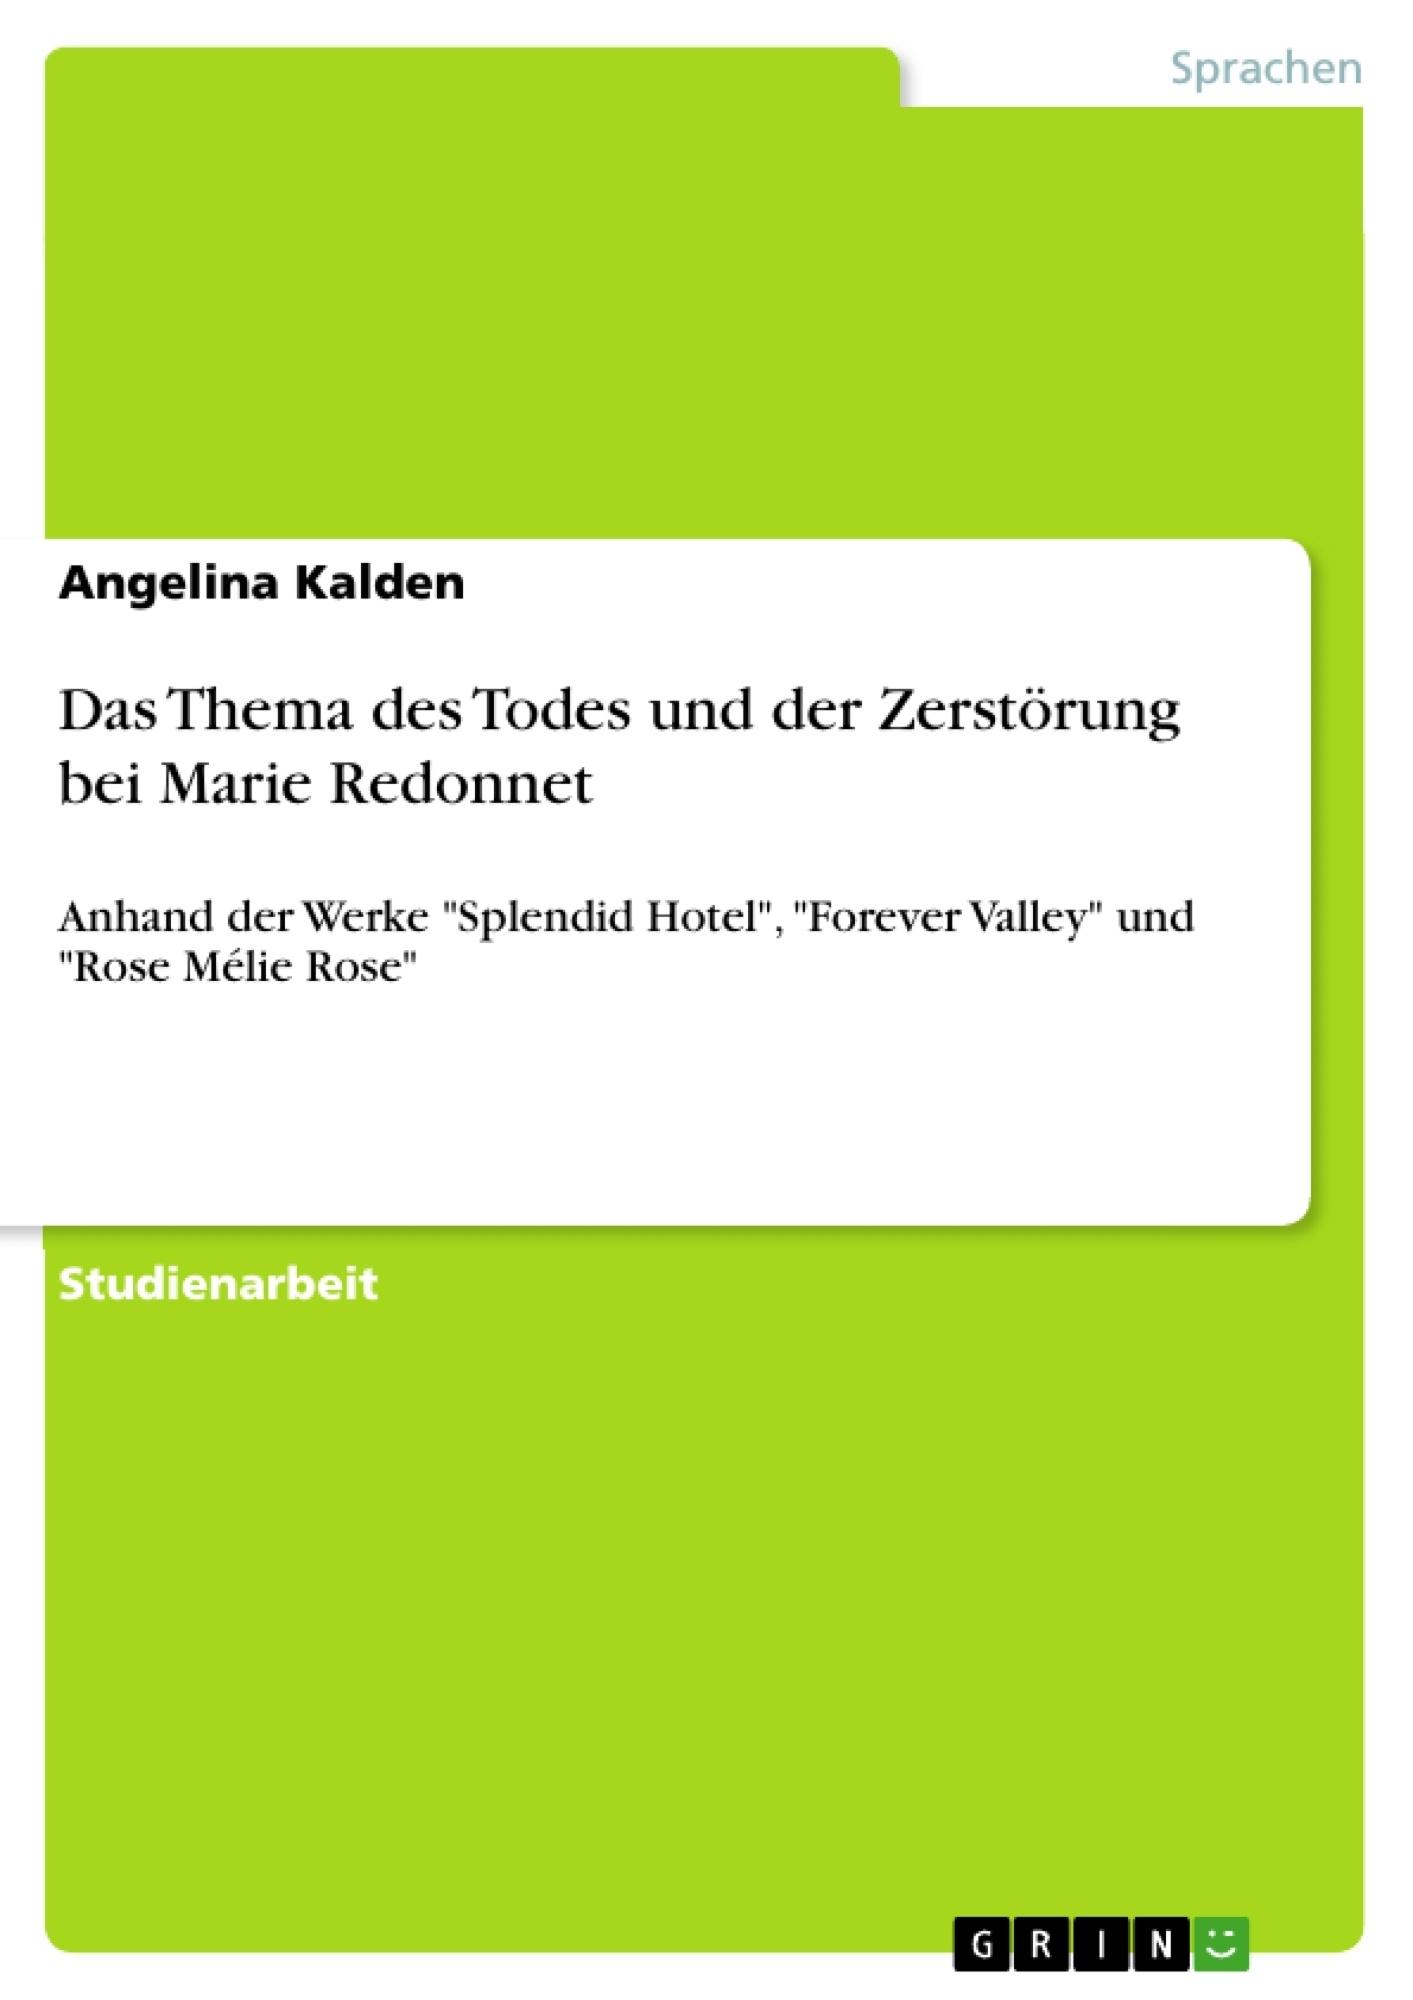 Titel: Das Thema des Todes und der Zerstörung bei Marie Redonnet